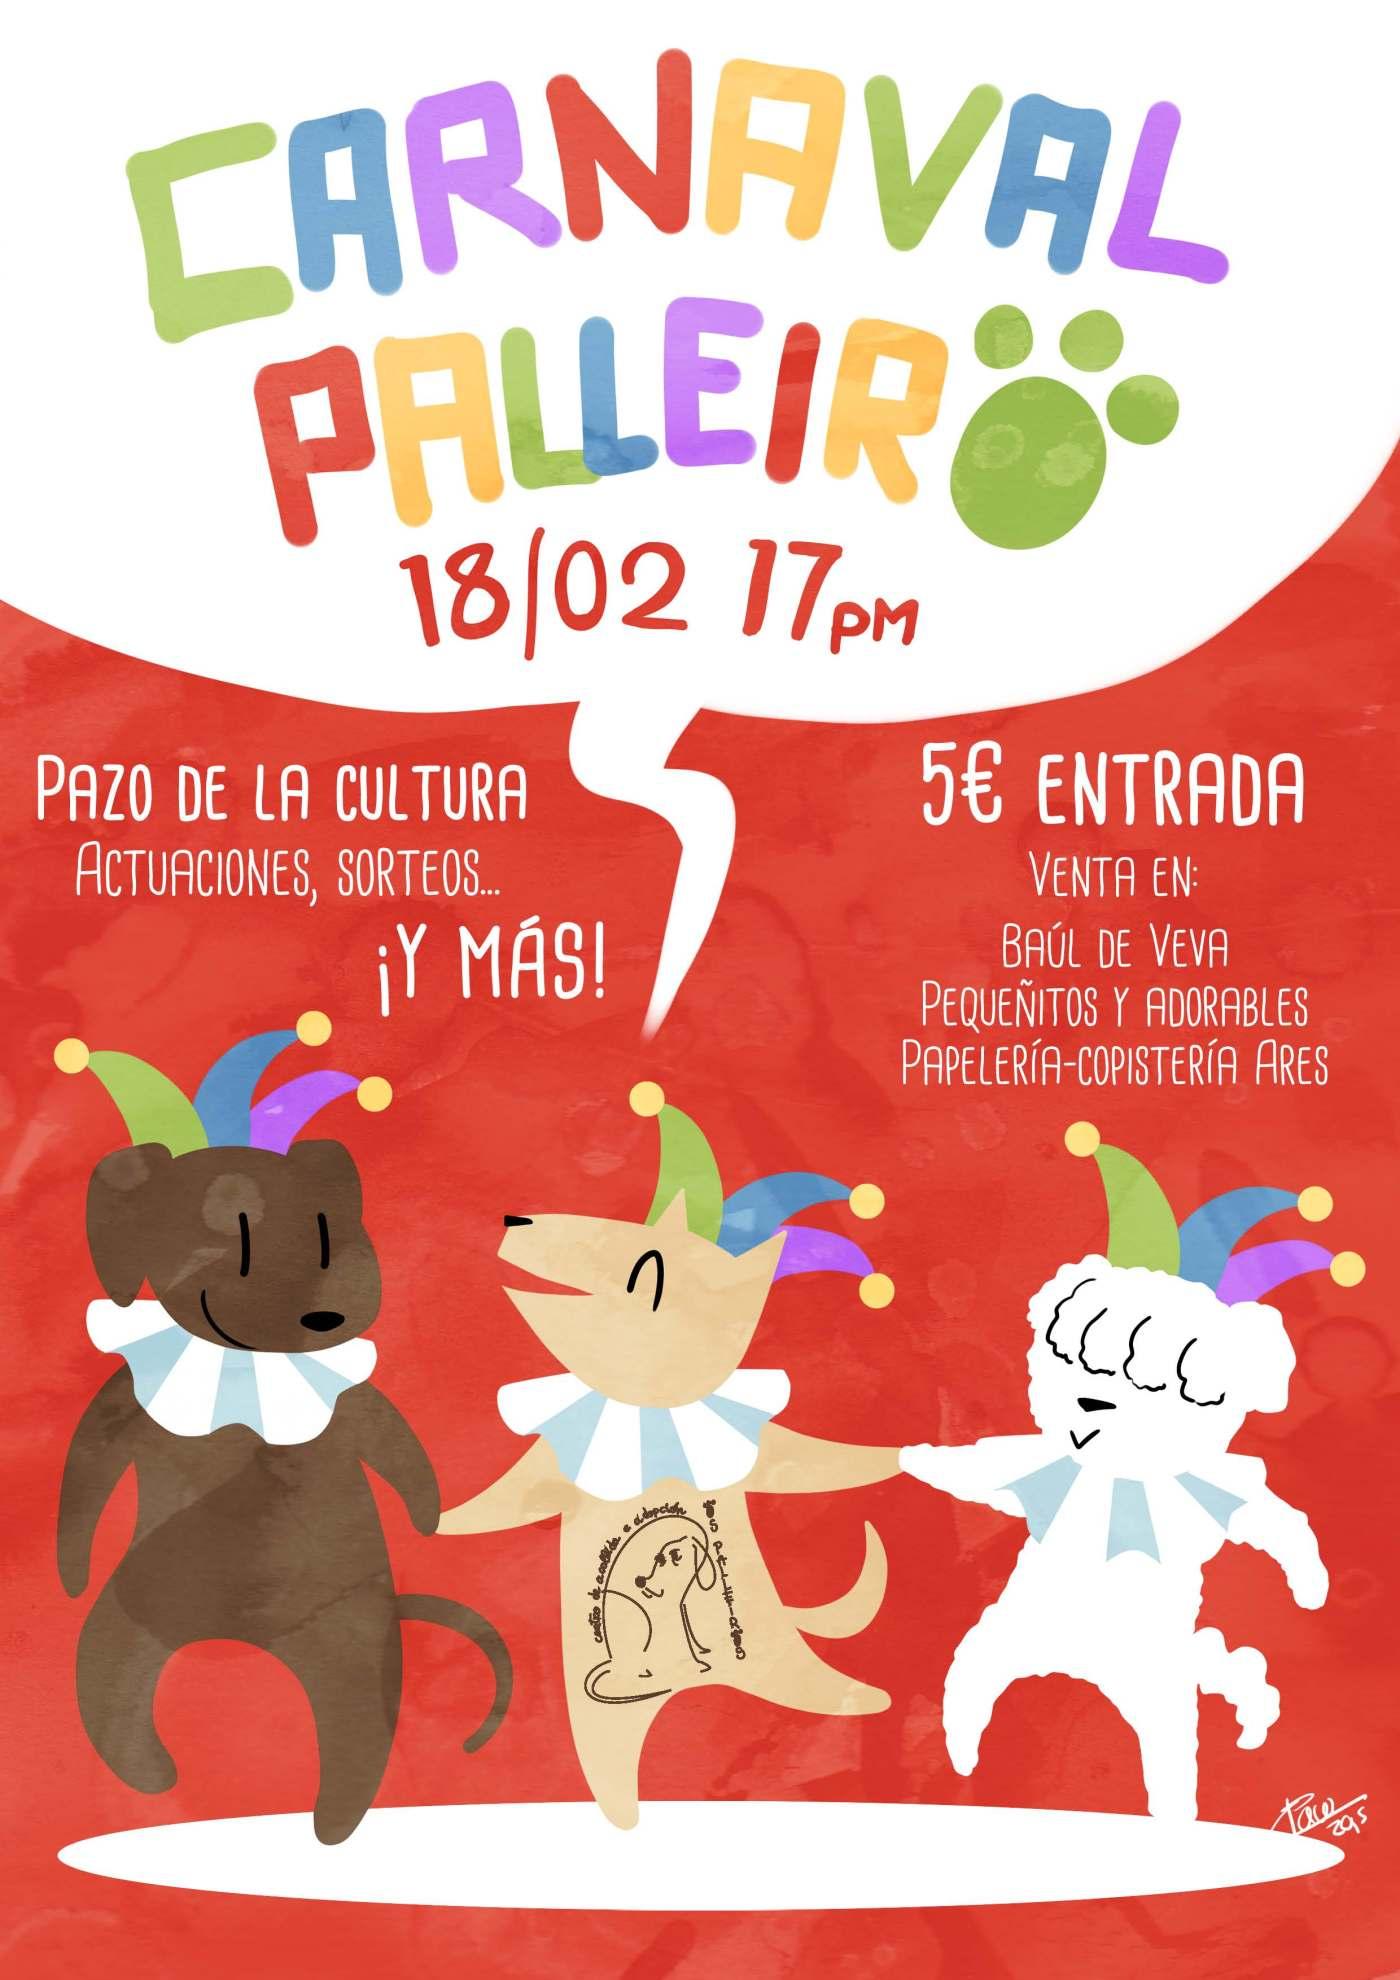 carnaval_palleiro.jpg